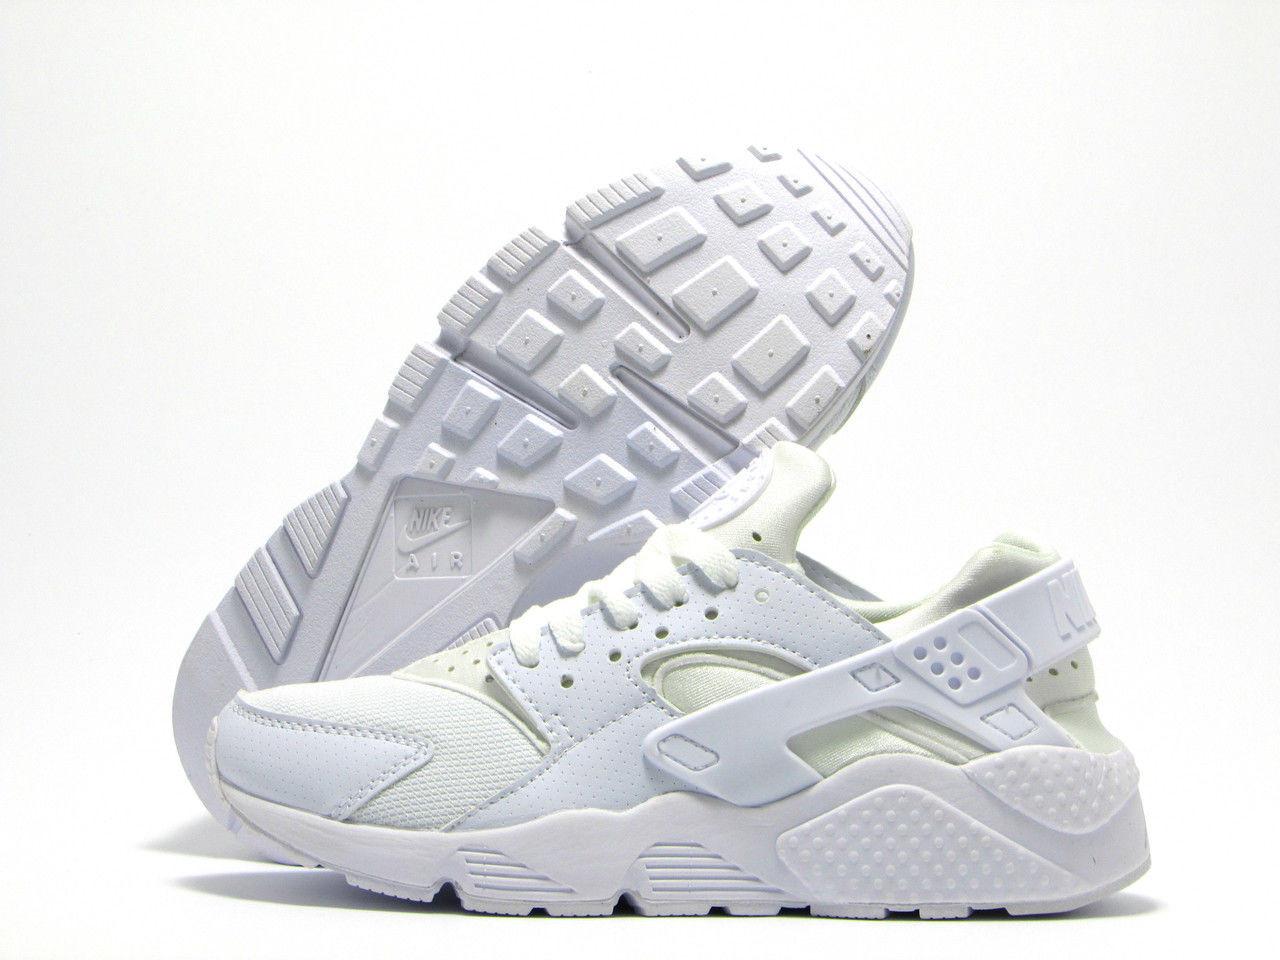 dce5640a Кроссовки Nike Air Huarache White Белые женские - SportBoom.com.ua -  интернет-